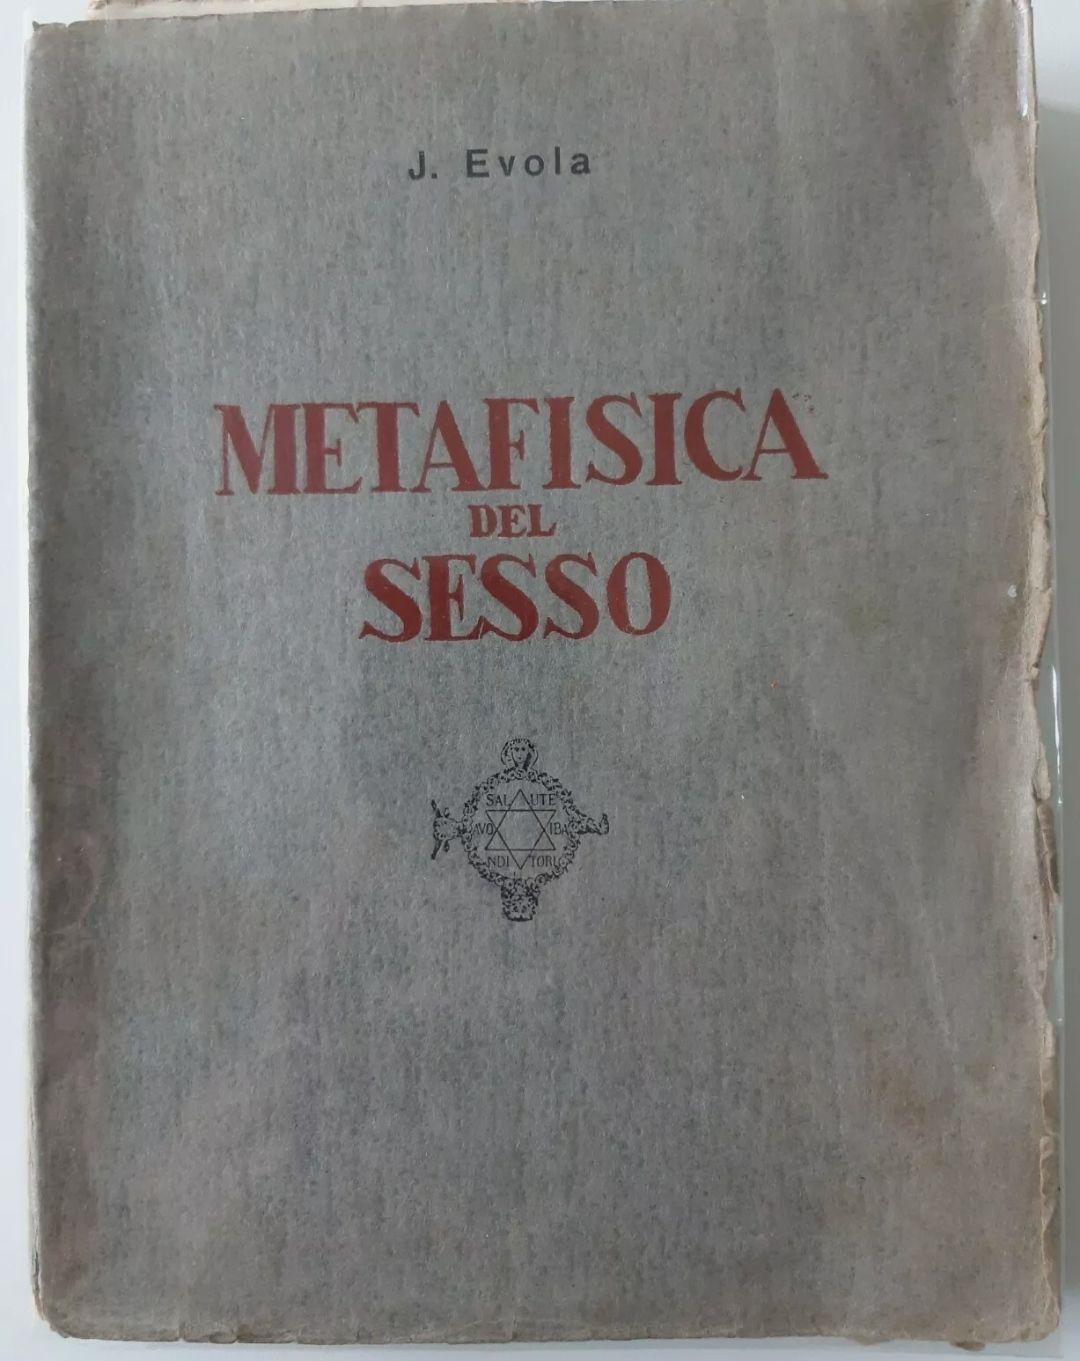 JULIUS EVOLA: METAFISICA DEL SESSO (ATANOR, 1958) 1° Edizione